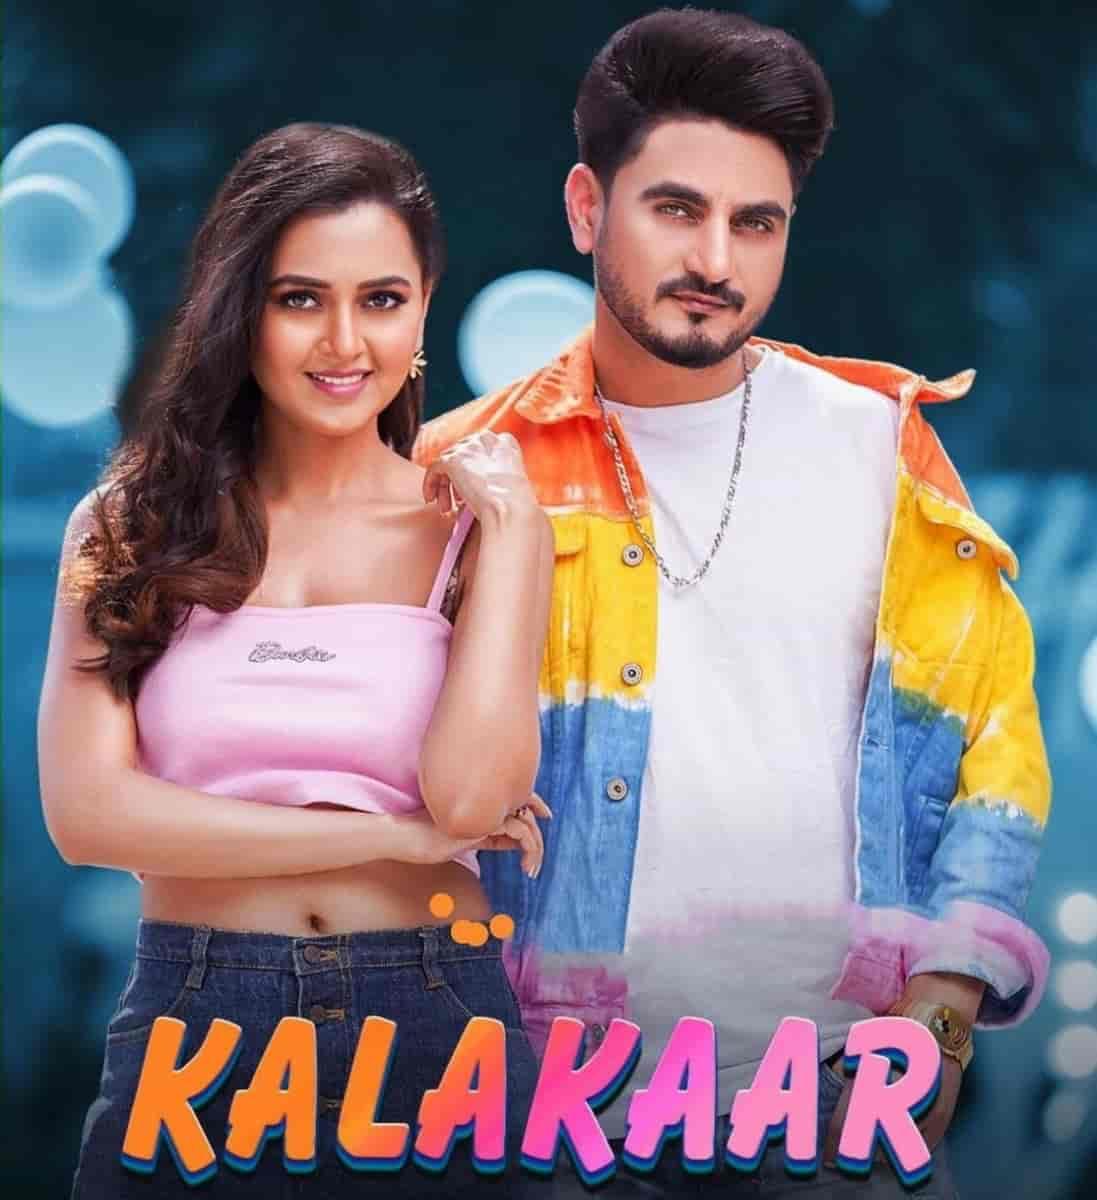 Kalakaar Punjabi Song Image Features Kulwinder Billa and Tejasswi Prakash